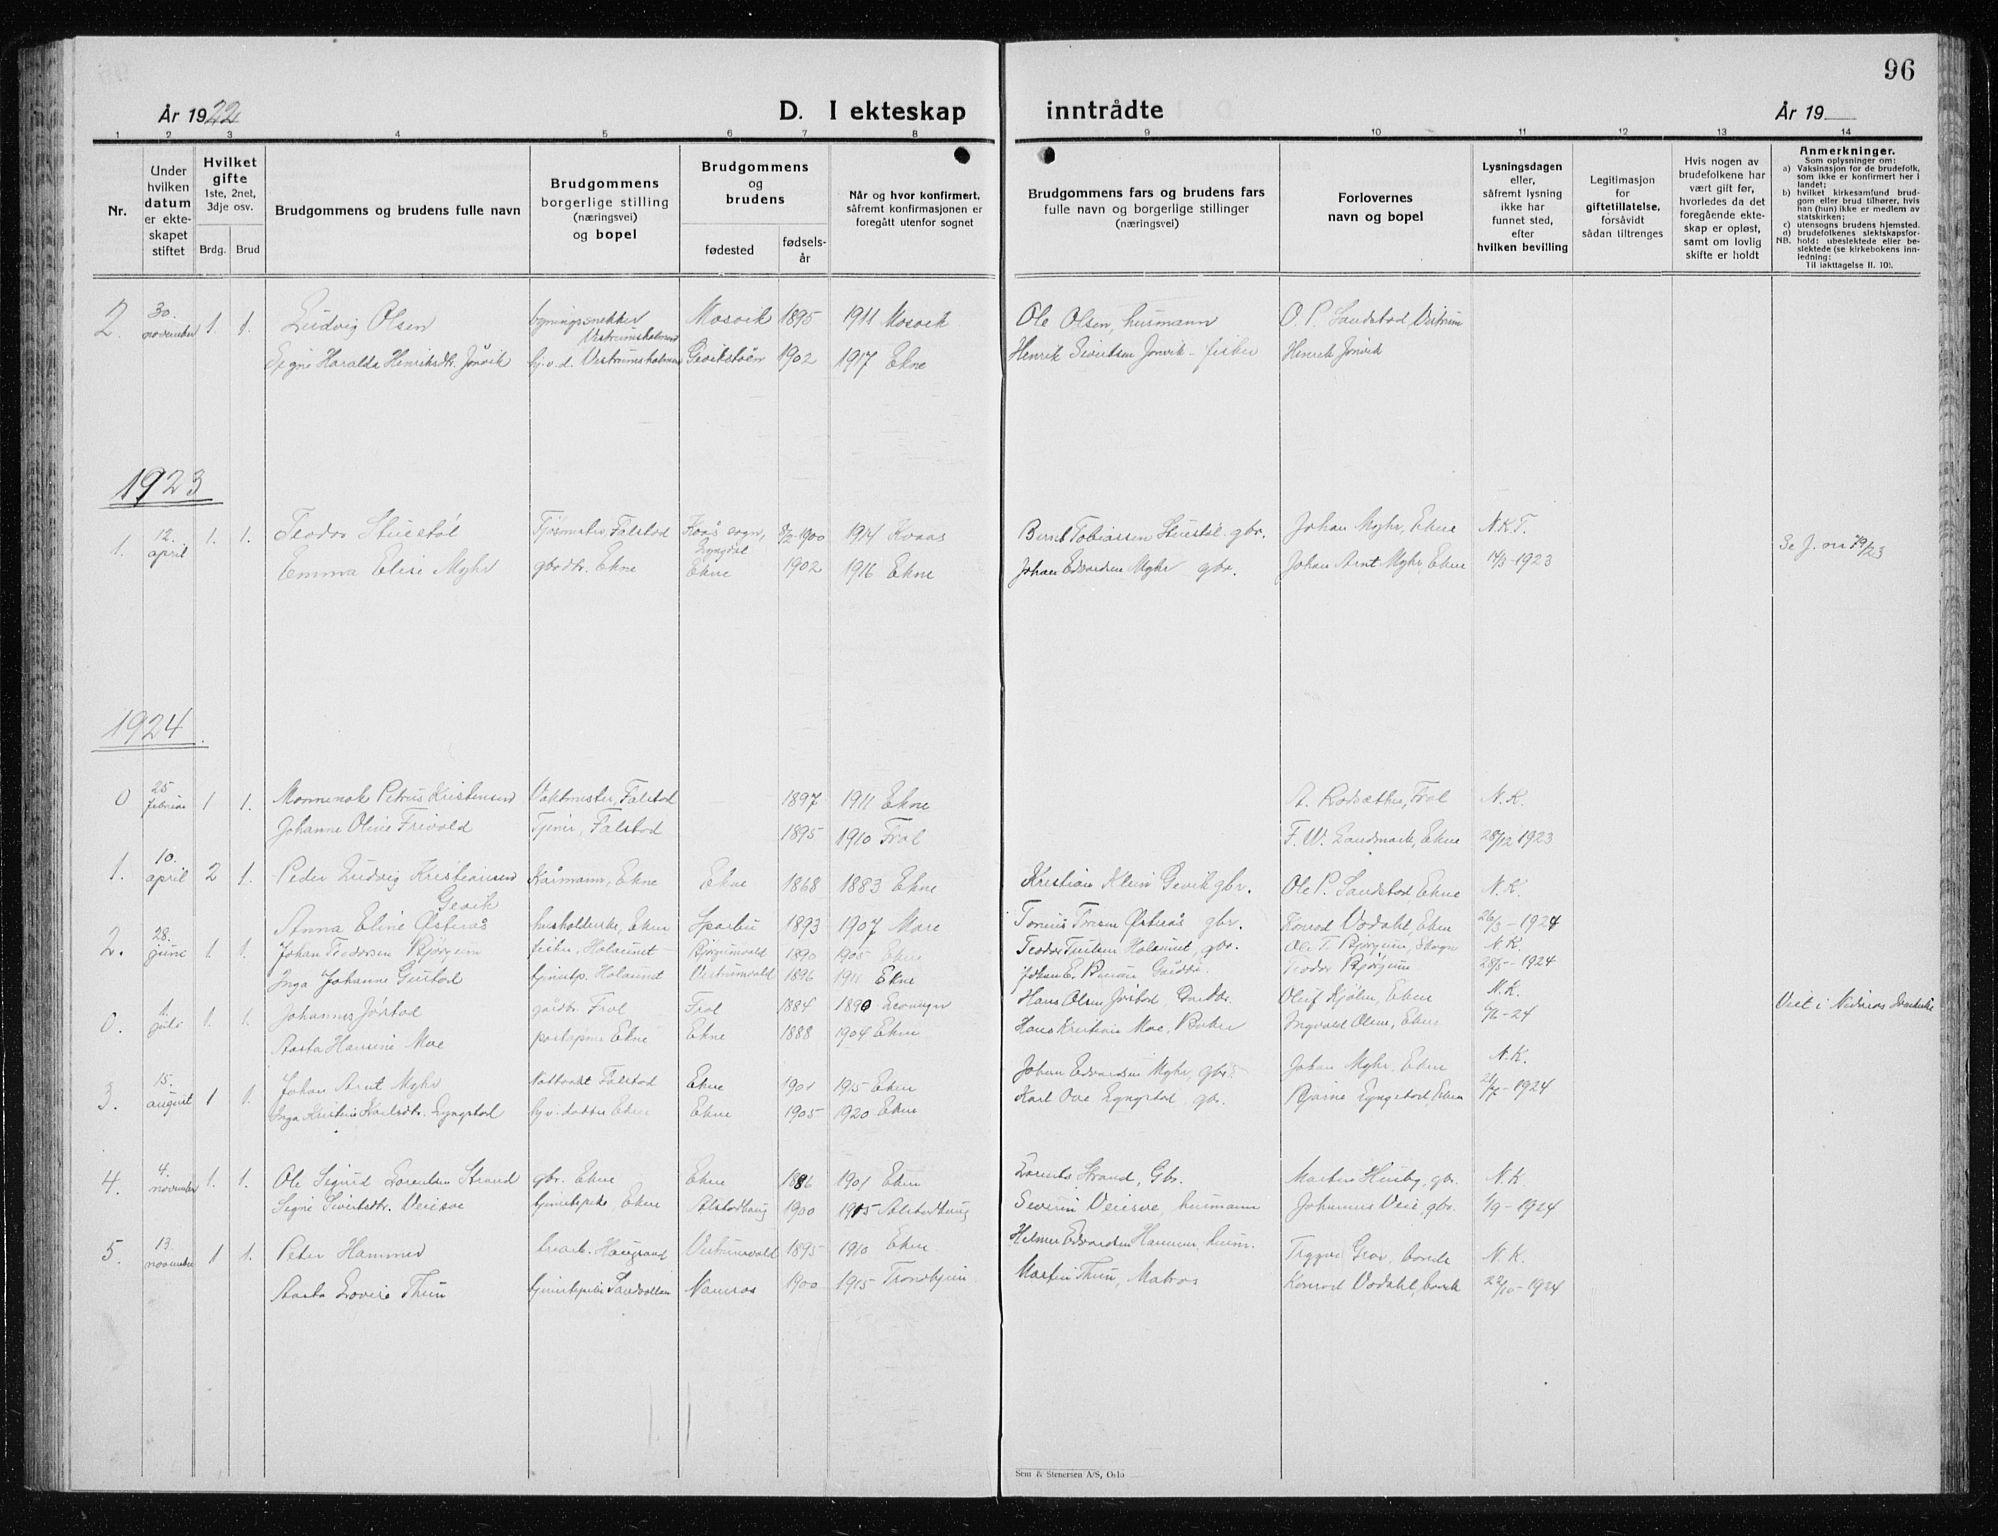 SAT, Ministerialprotokoller, klokkerbøker og fødselsregistre - Nord-Trøndelag, 719/L0180: Klokkerbok nr. 719C01, 1878-1940, s. 96